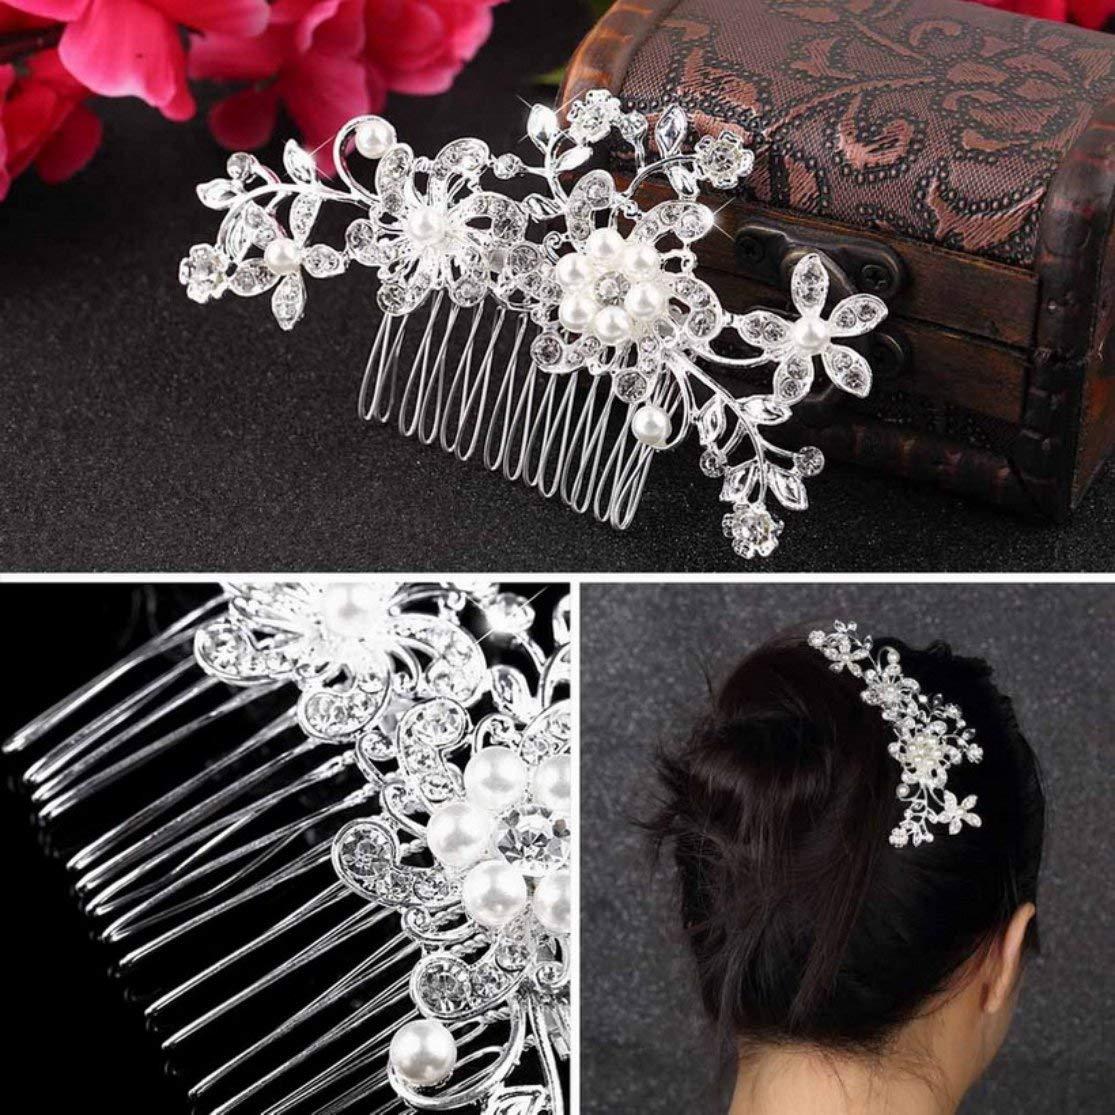 LouiseEvel215 Blumenhochzeits-Tiara-funkelnder Kristall simulierte Perlen-Brauthaark/ämme-Haarnadel-Schmuck-Haar-Zus/ätze